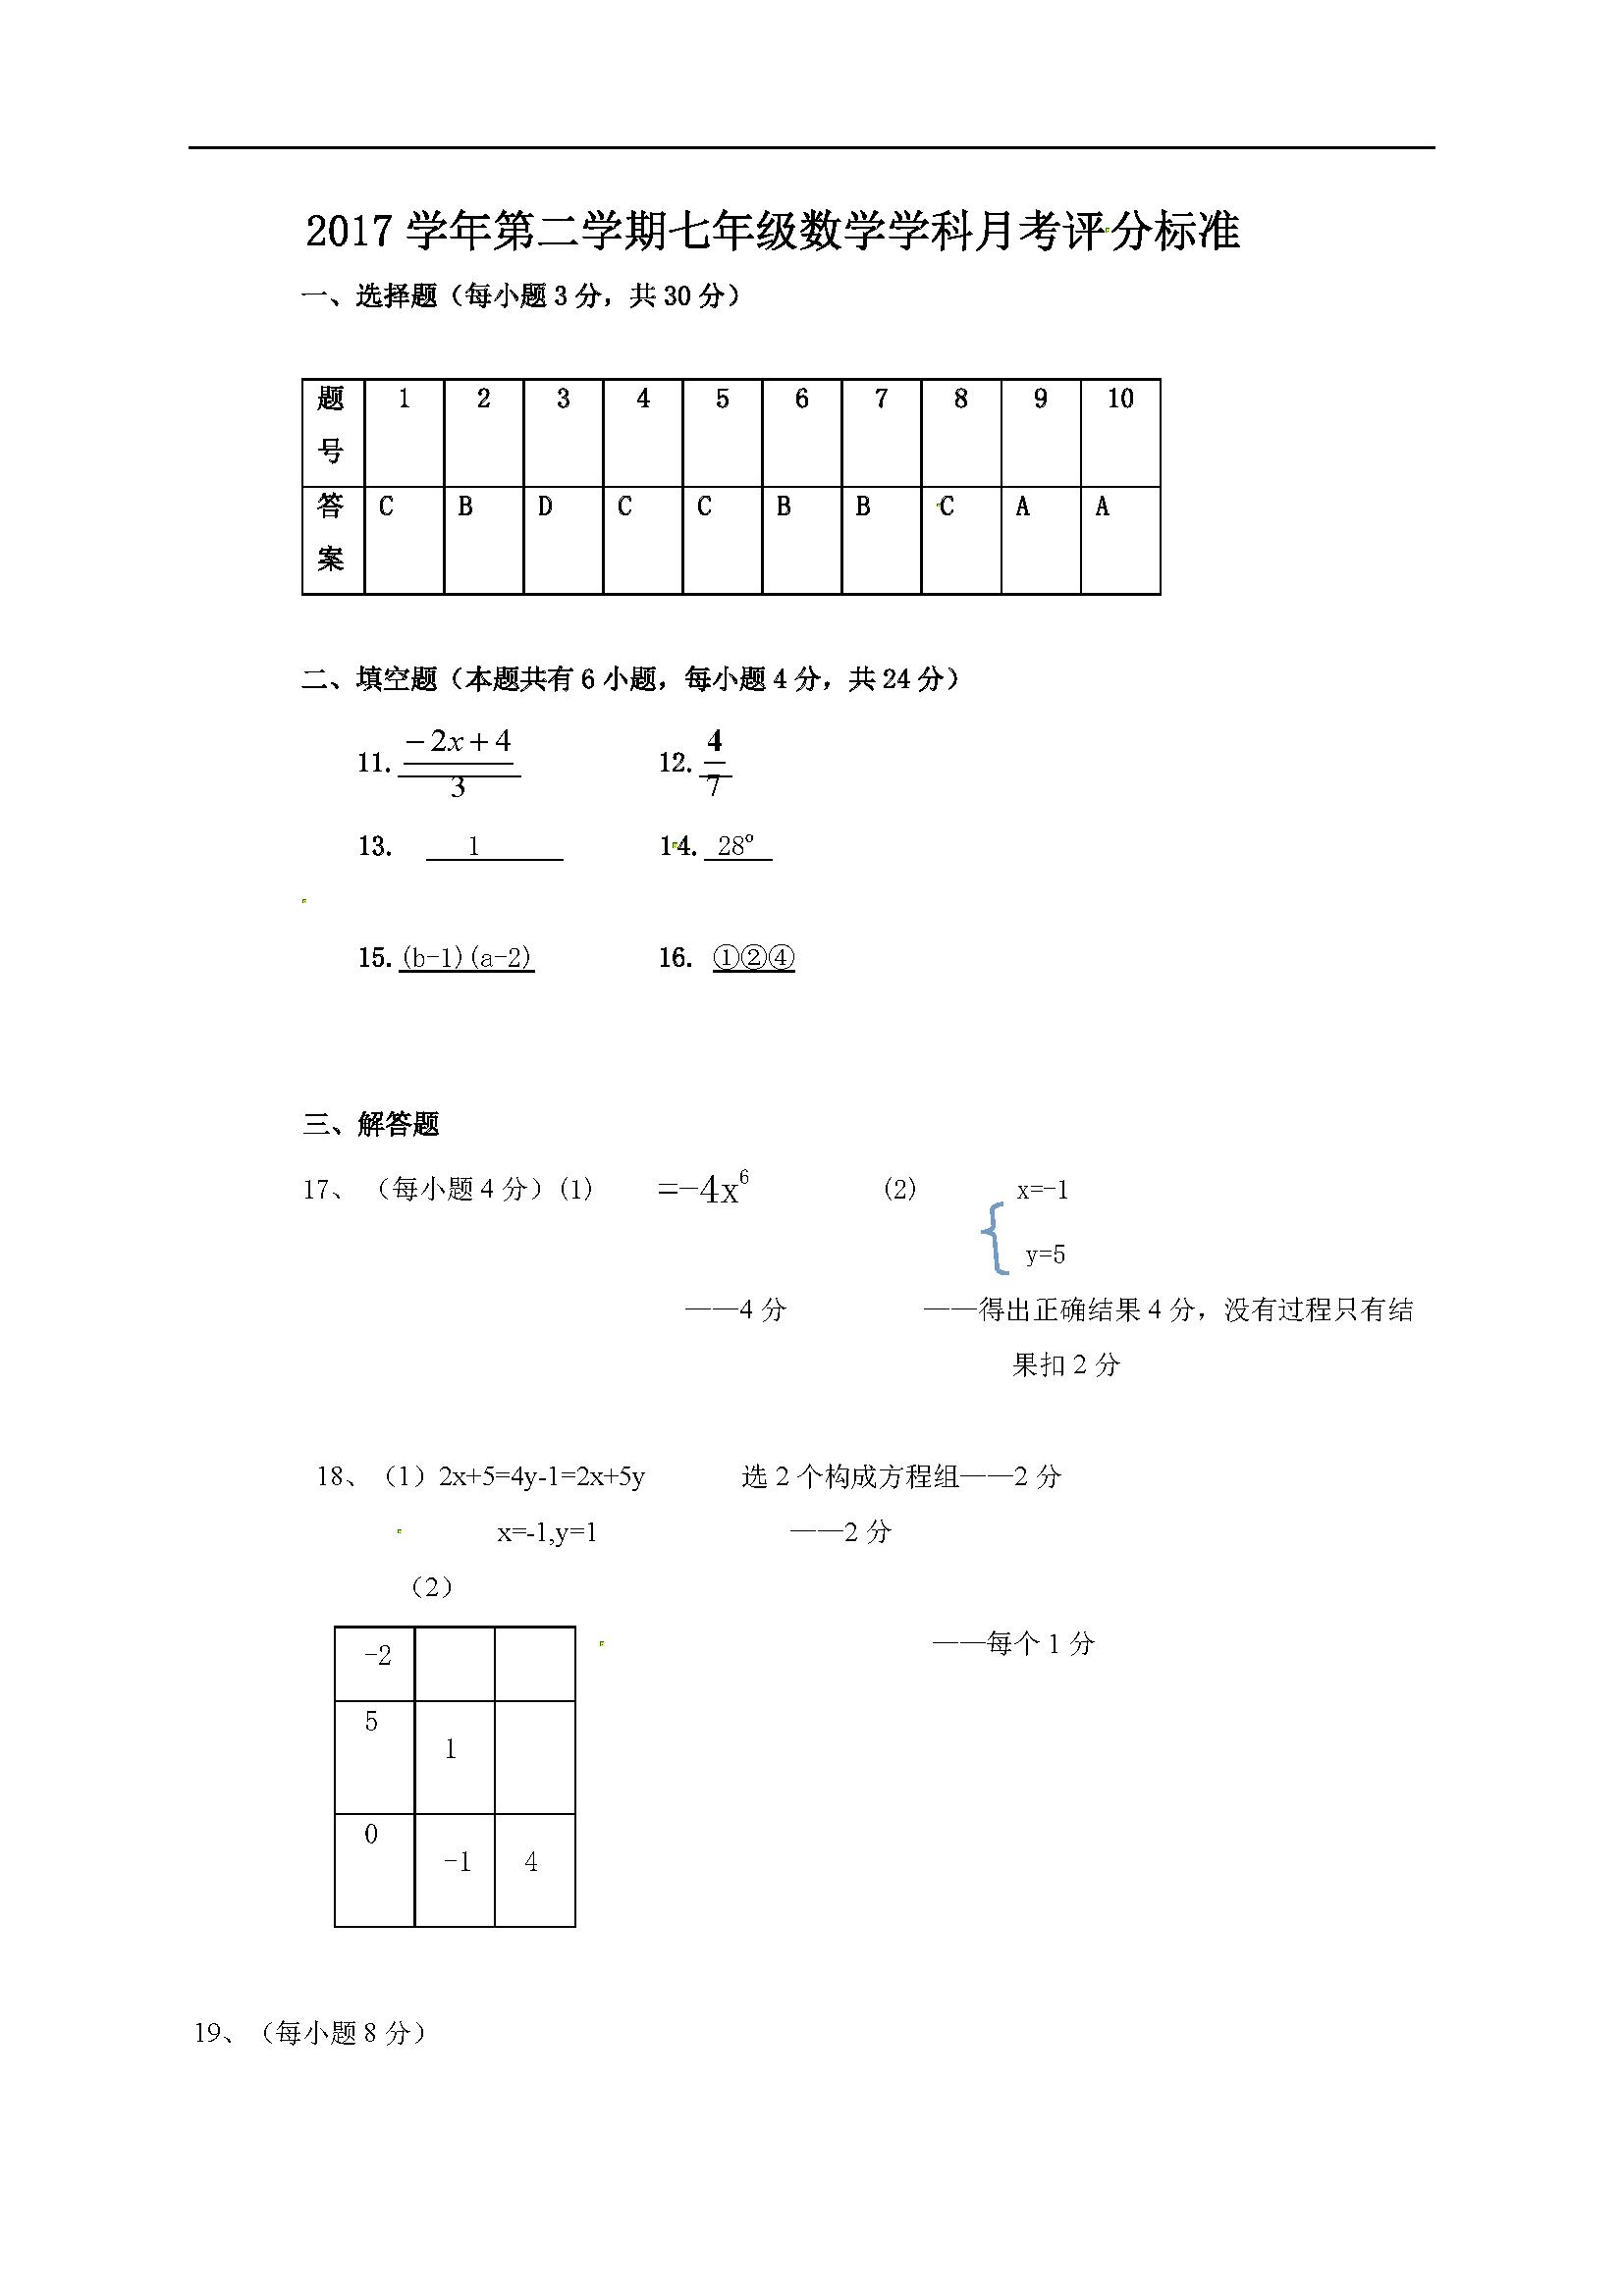 2017浙江杭州四季青中学七年级3月阶段性检测数学试题答案(Word版)